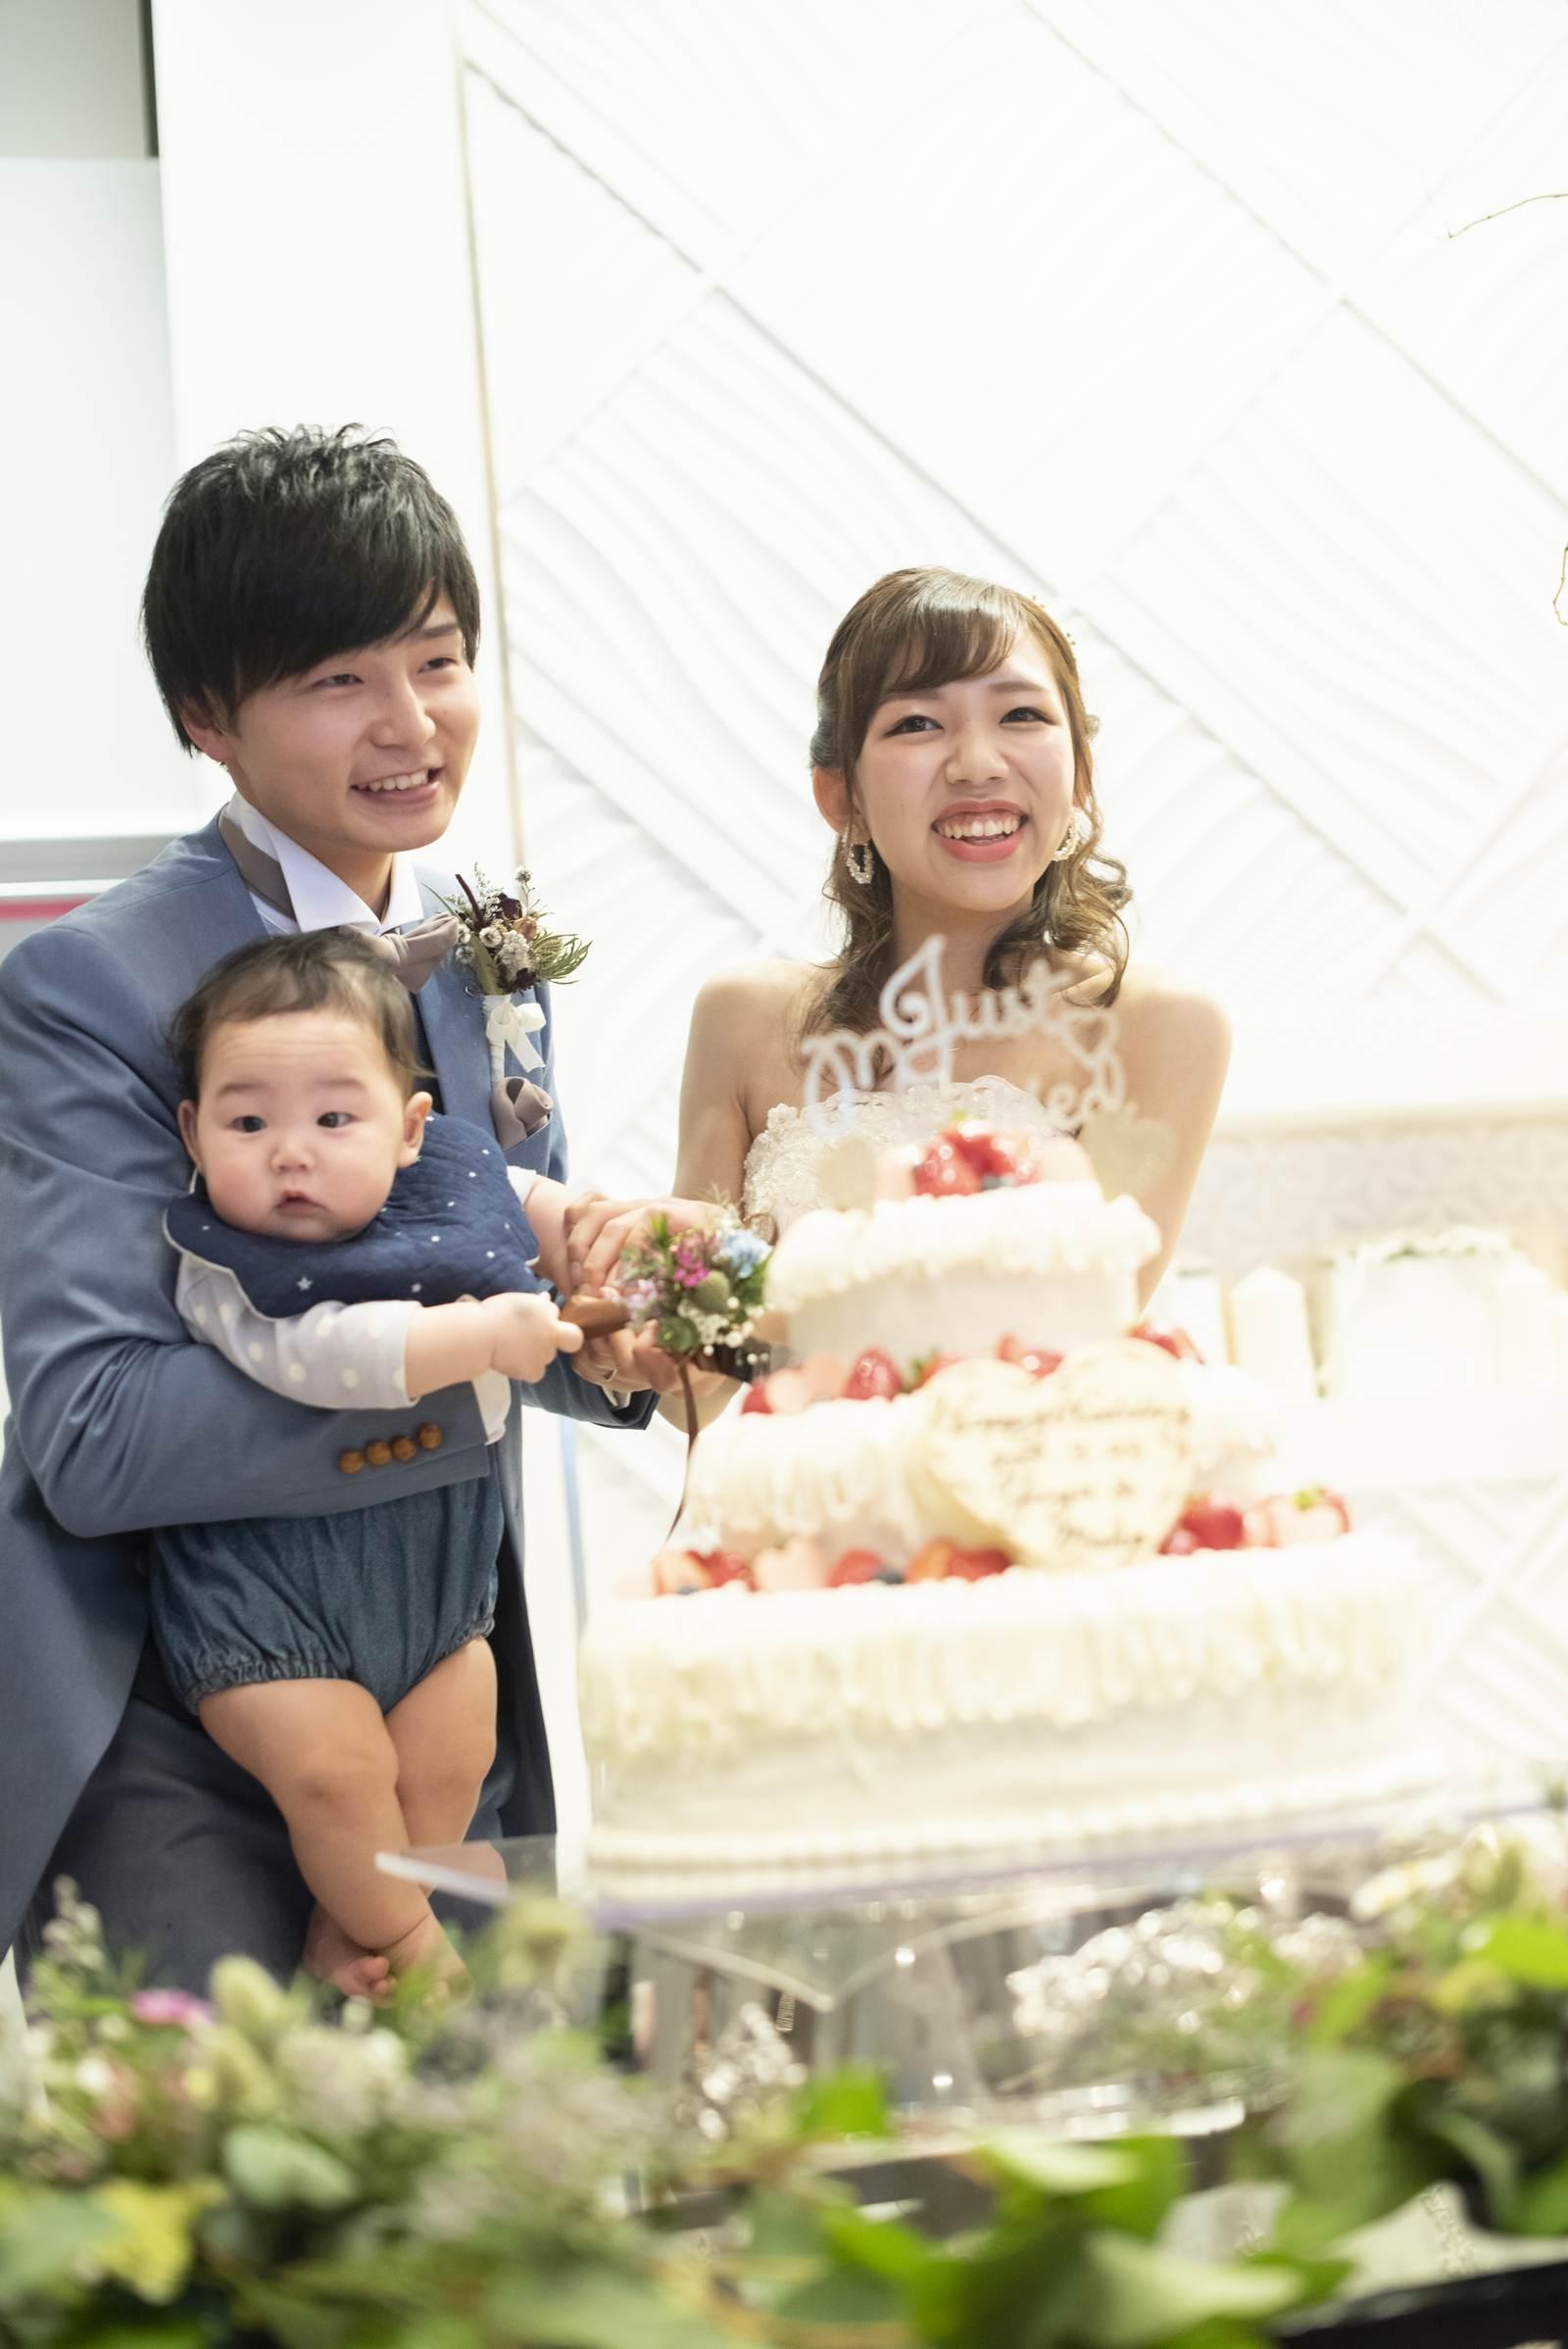 徳島市の結婚式場ブランアンジュでのケーキカットは家族3人で